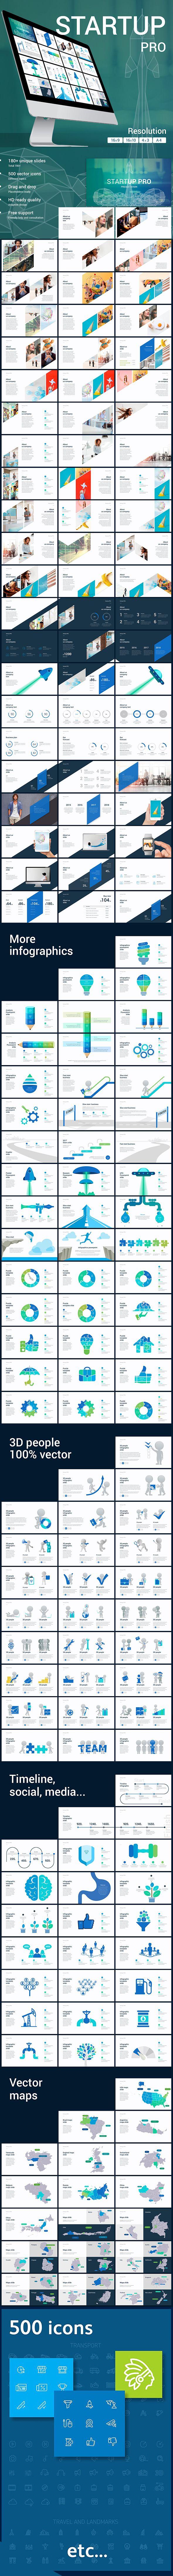 StartUP PRO presentation template — Powerpoint PPTX #best #modern • Download ➝ https://graphicriver.net/item/startup-pro-presentation-template/20233102?ref=pxcr